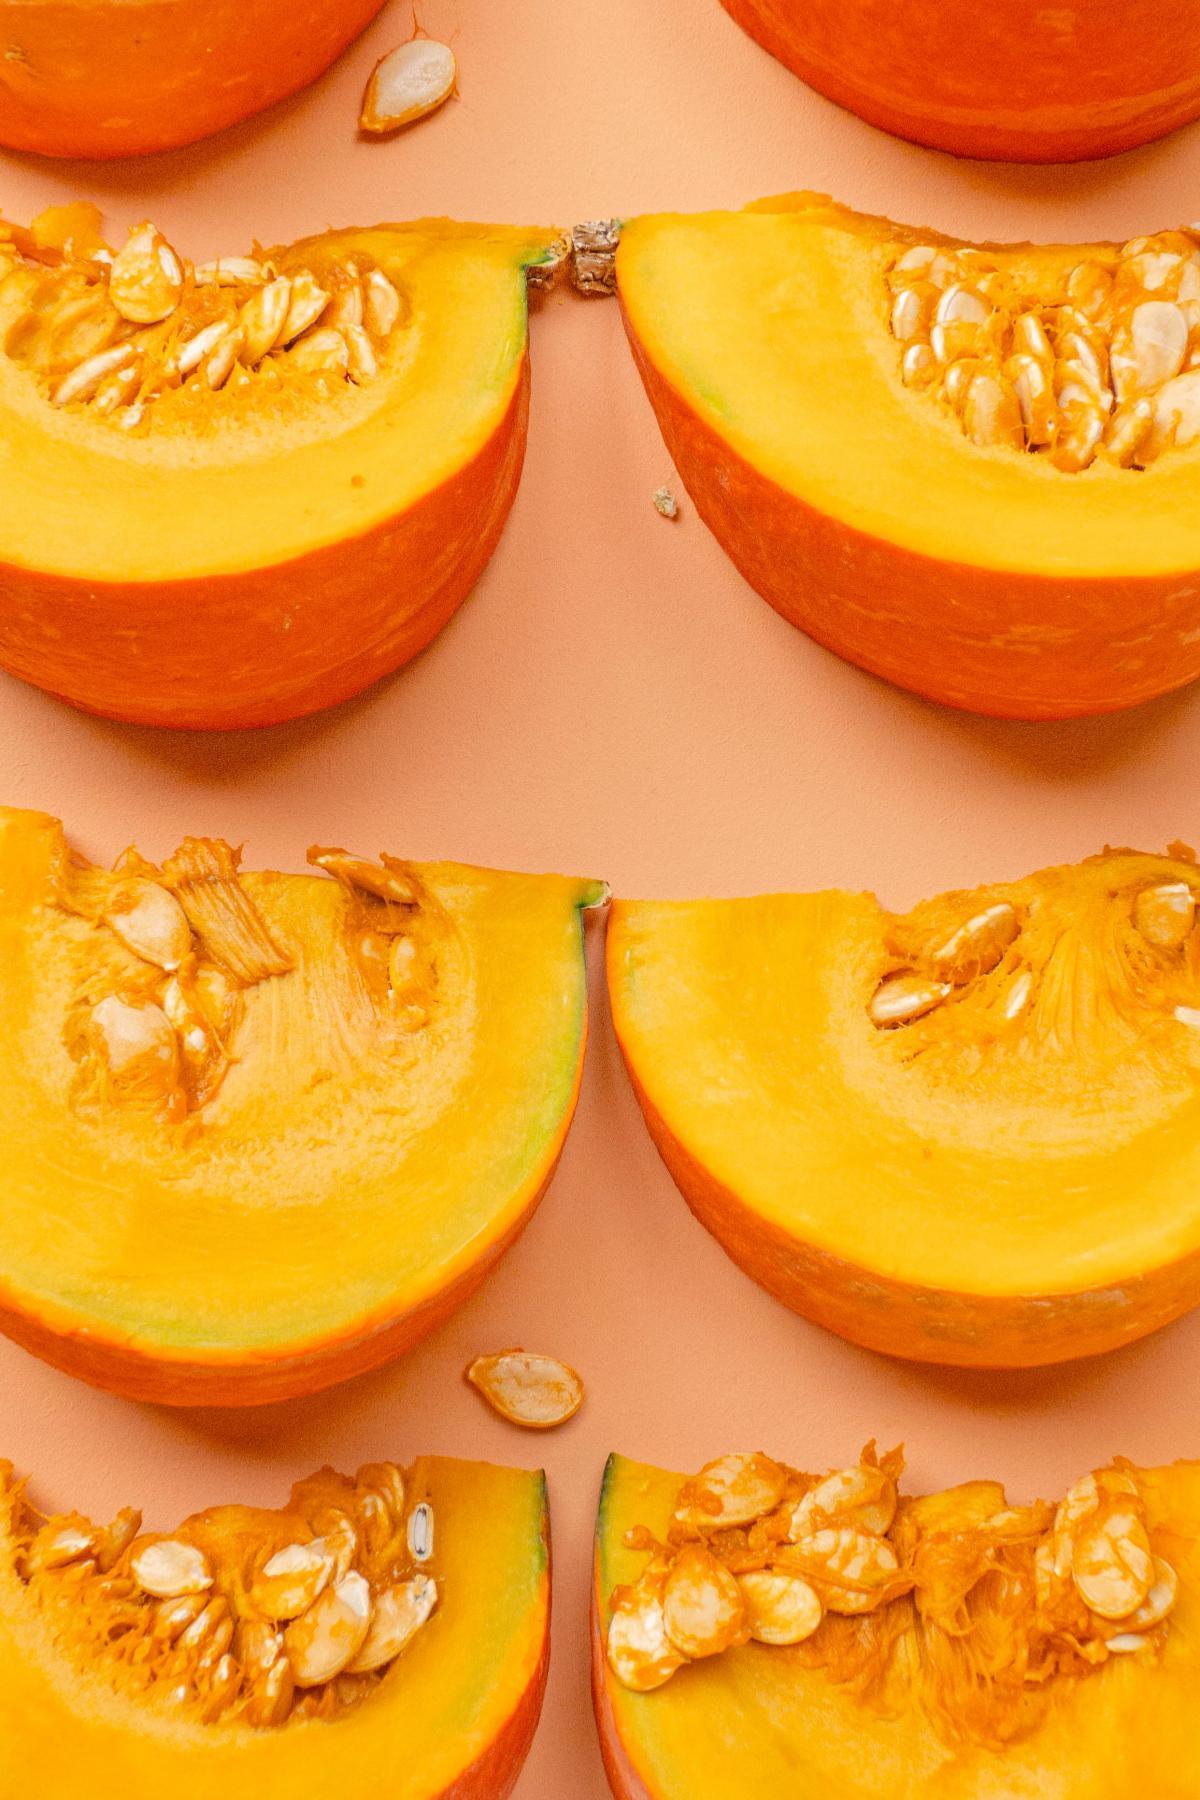 Fruit Citrus Orange #425415